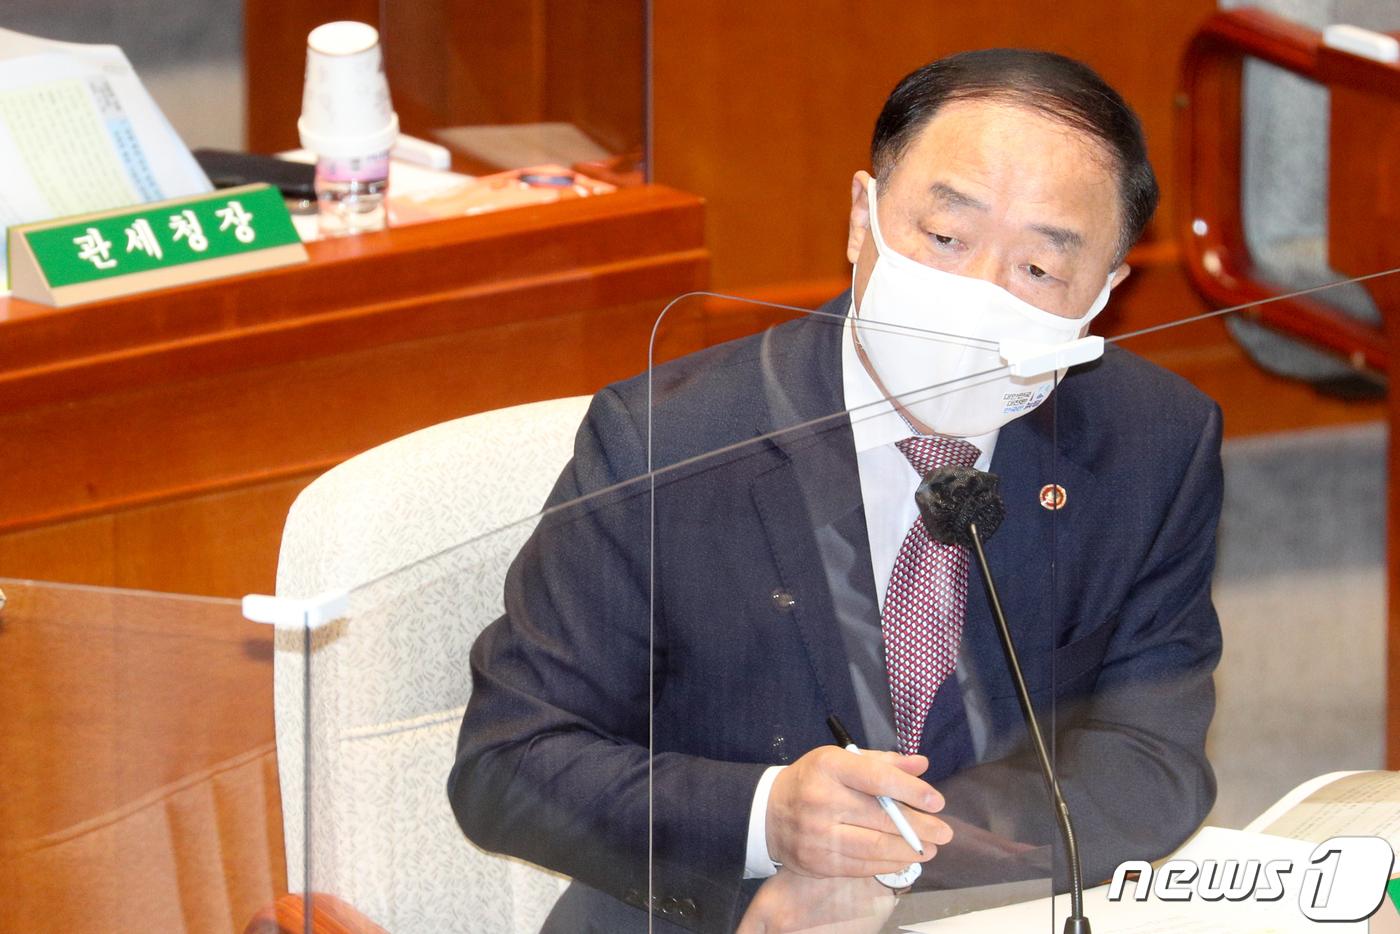 """홍남기 """"가계 신용대출 증가, 정부가 별도 대책 마련 중""""[윈 토토 몽키 토토]"""